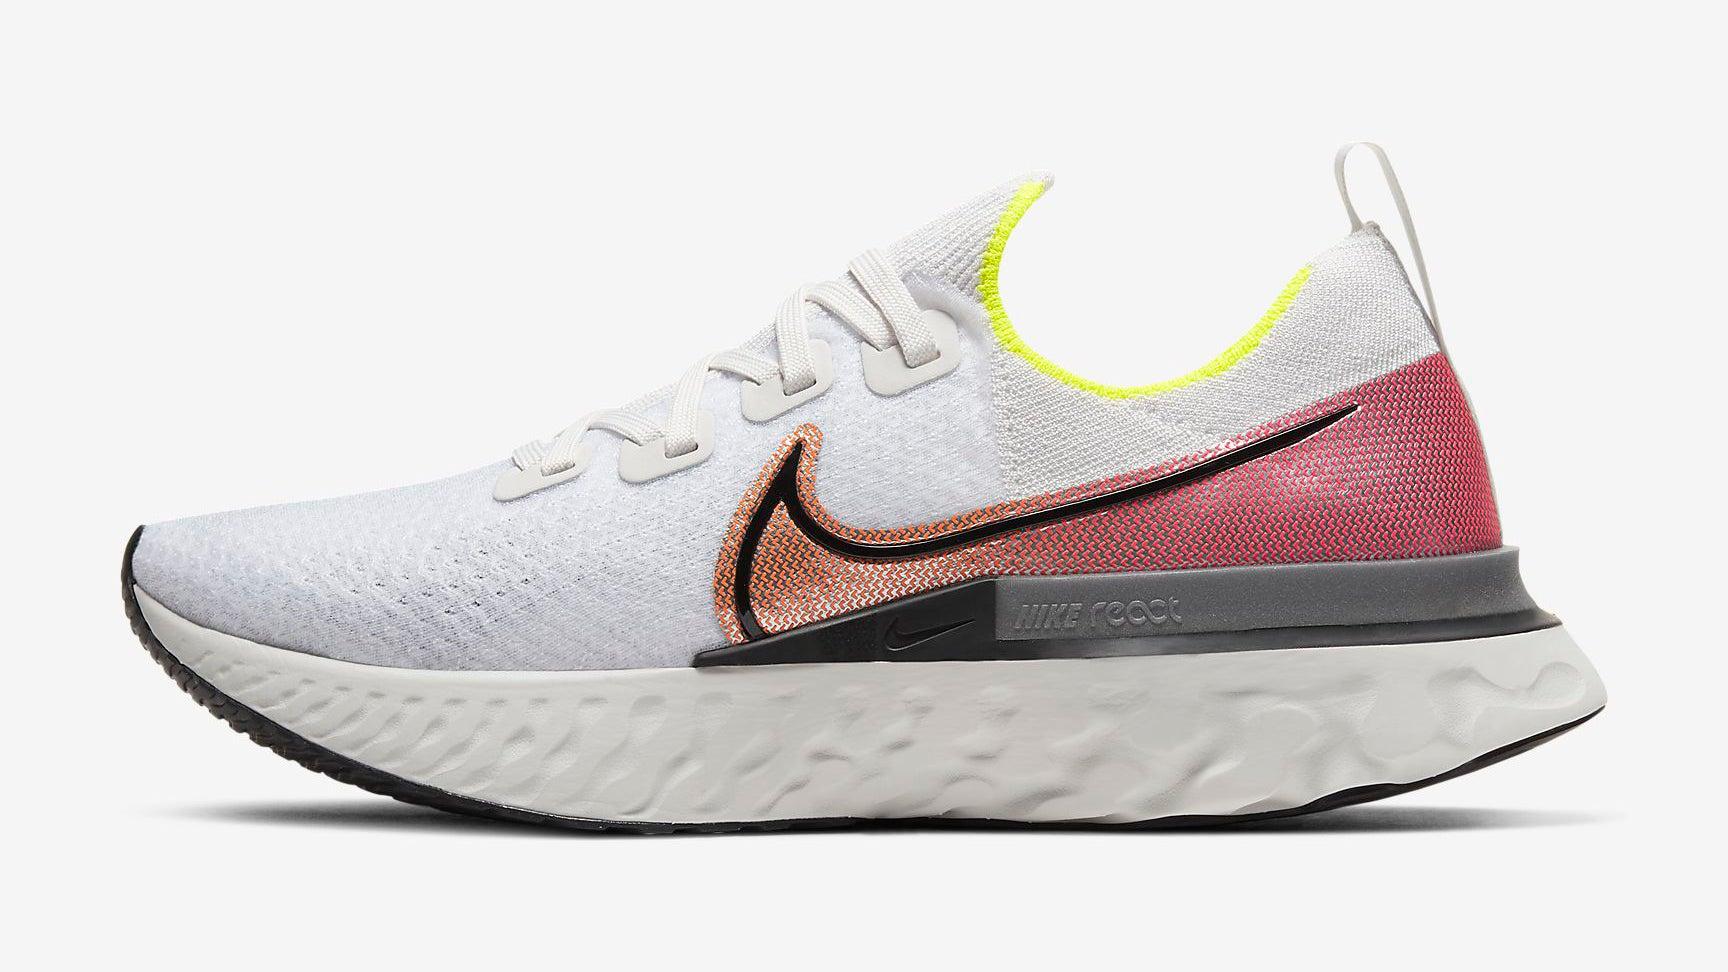 Nike React Infinity Run Flyknit Shoes